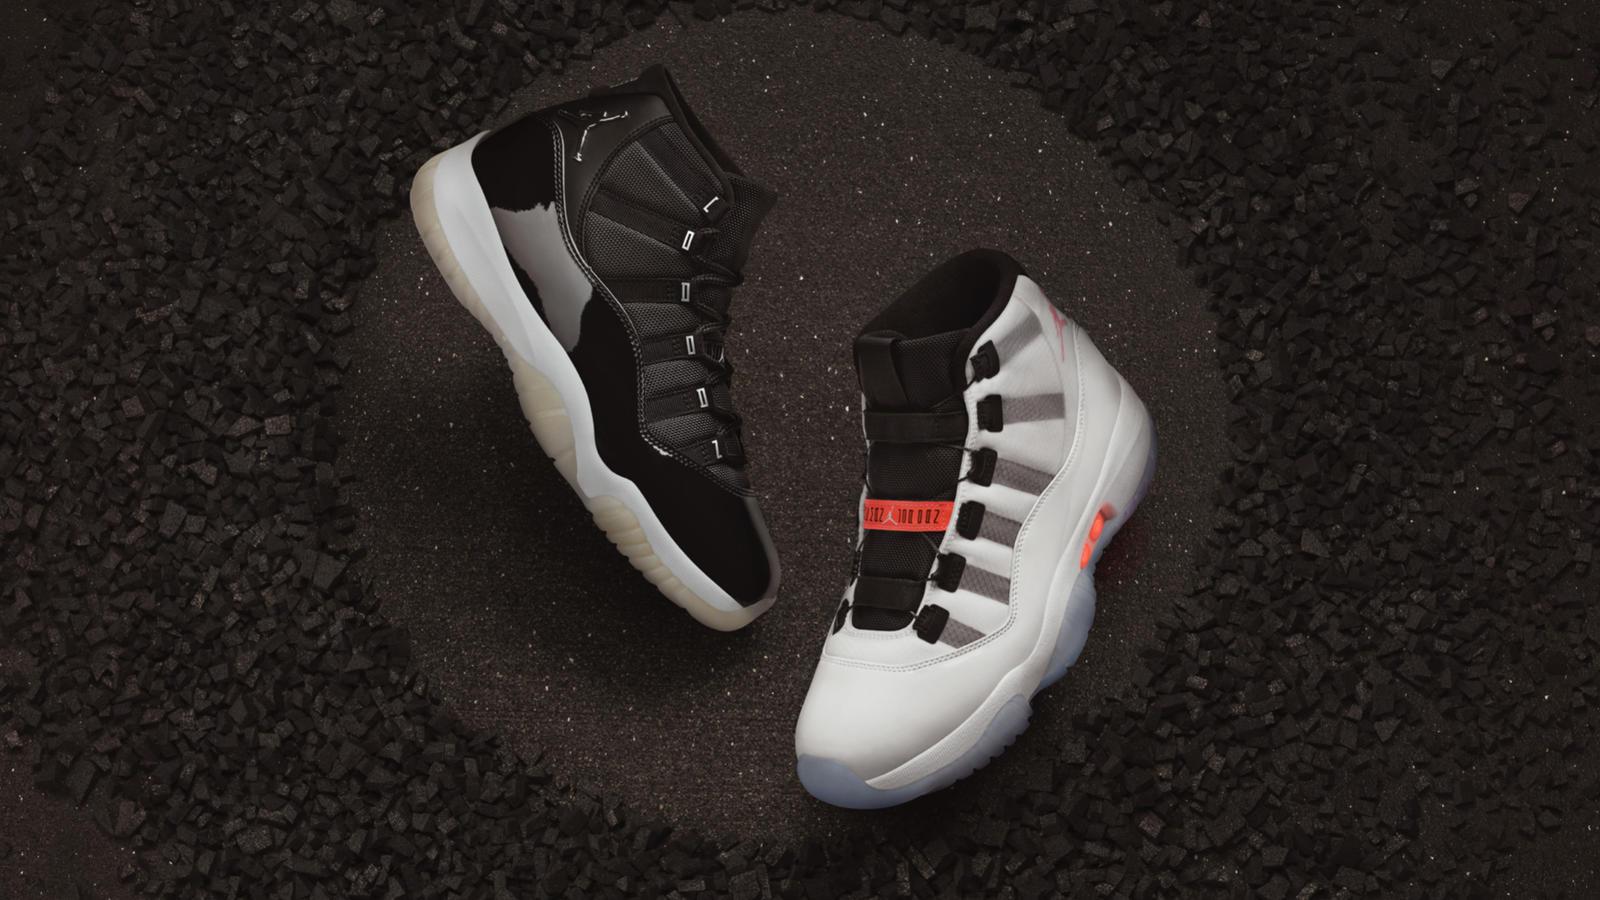 Jordan Brand Reveals Two New Sneakers to Celebrate 25th Anniversary of Air Jordan XI